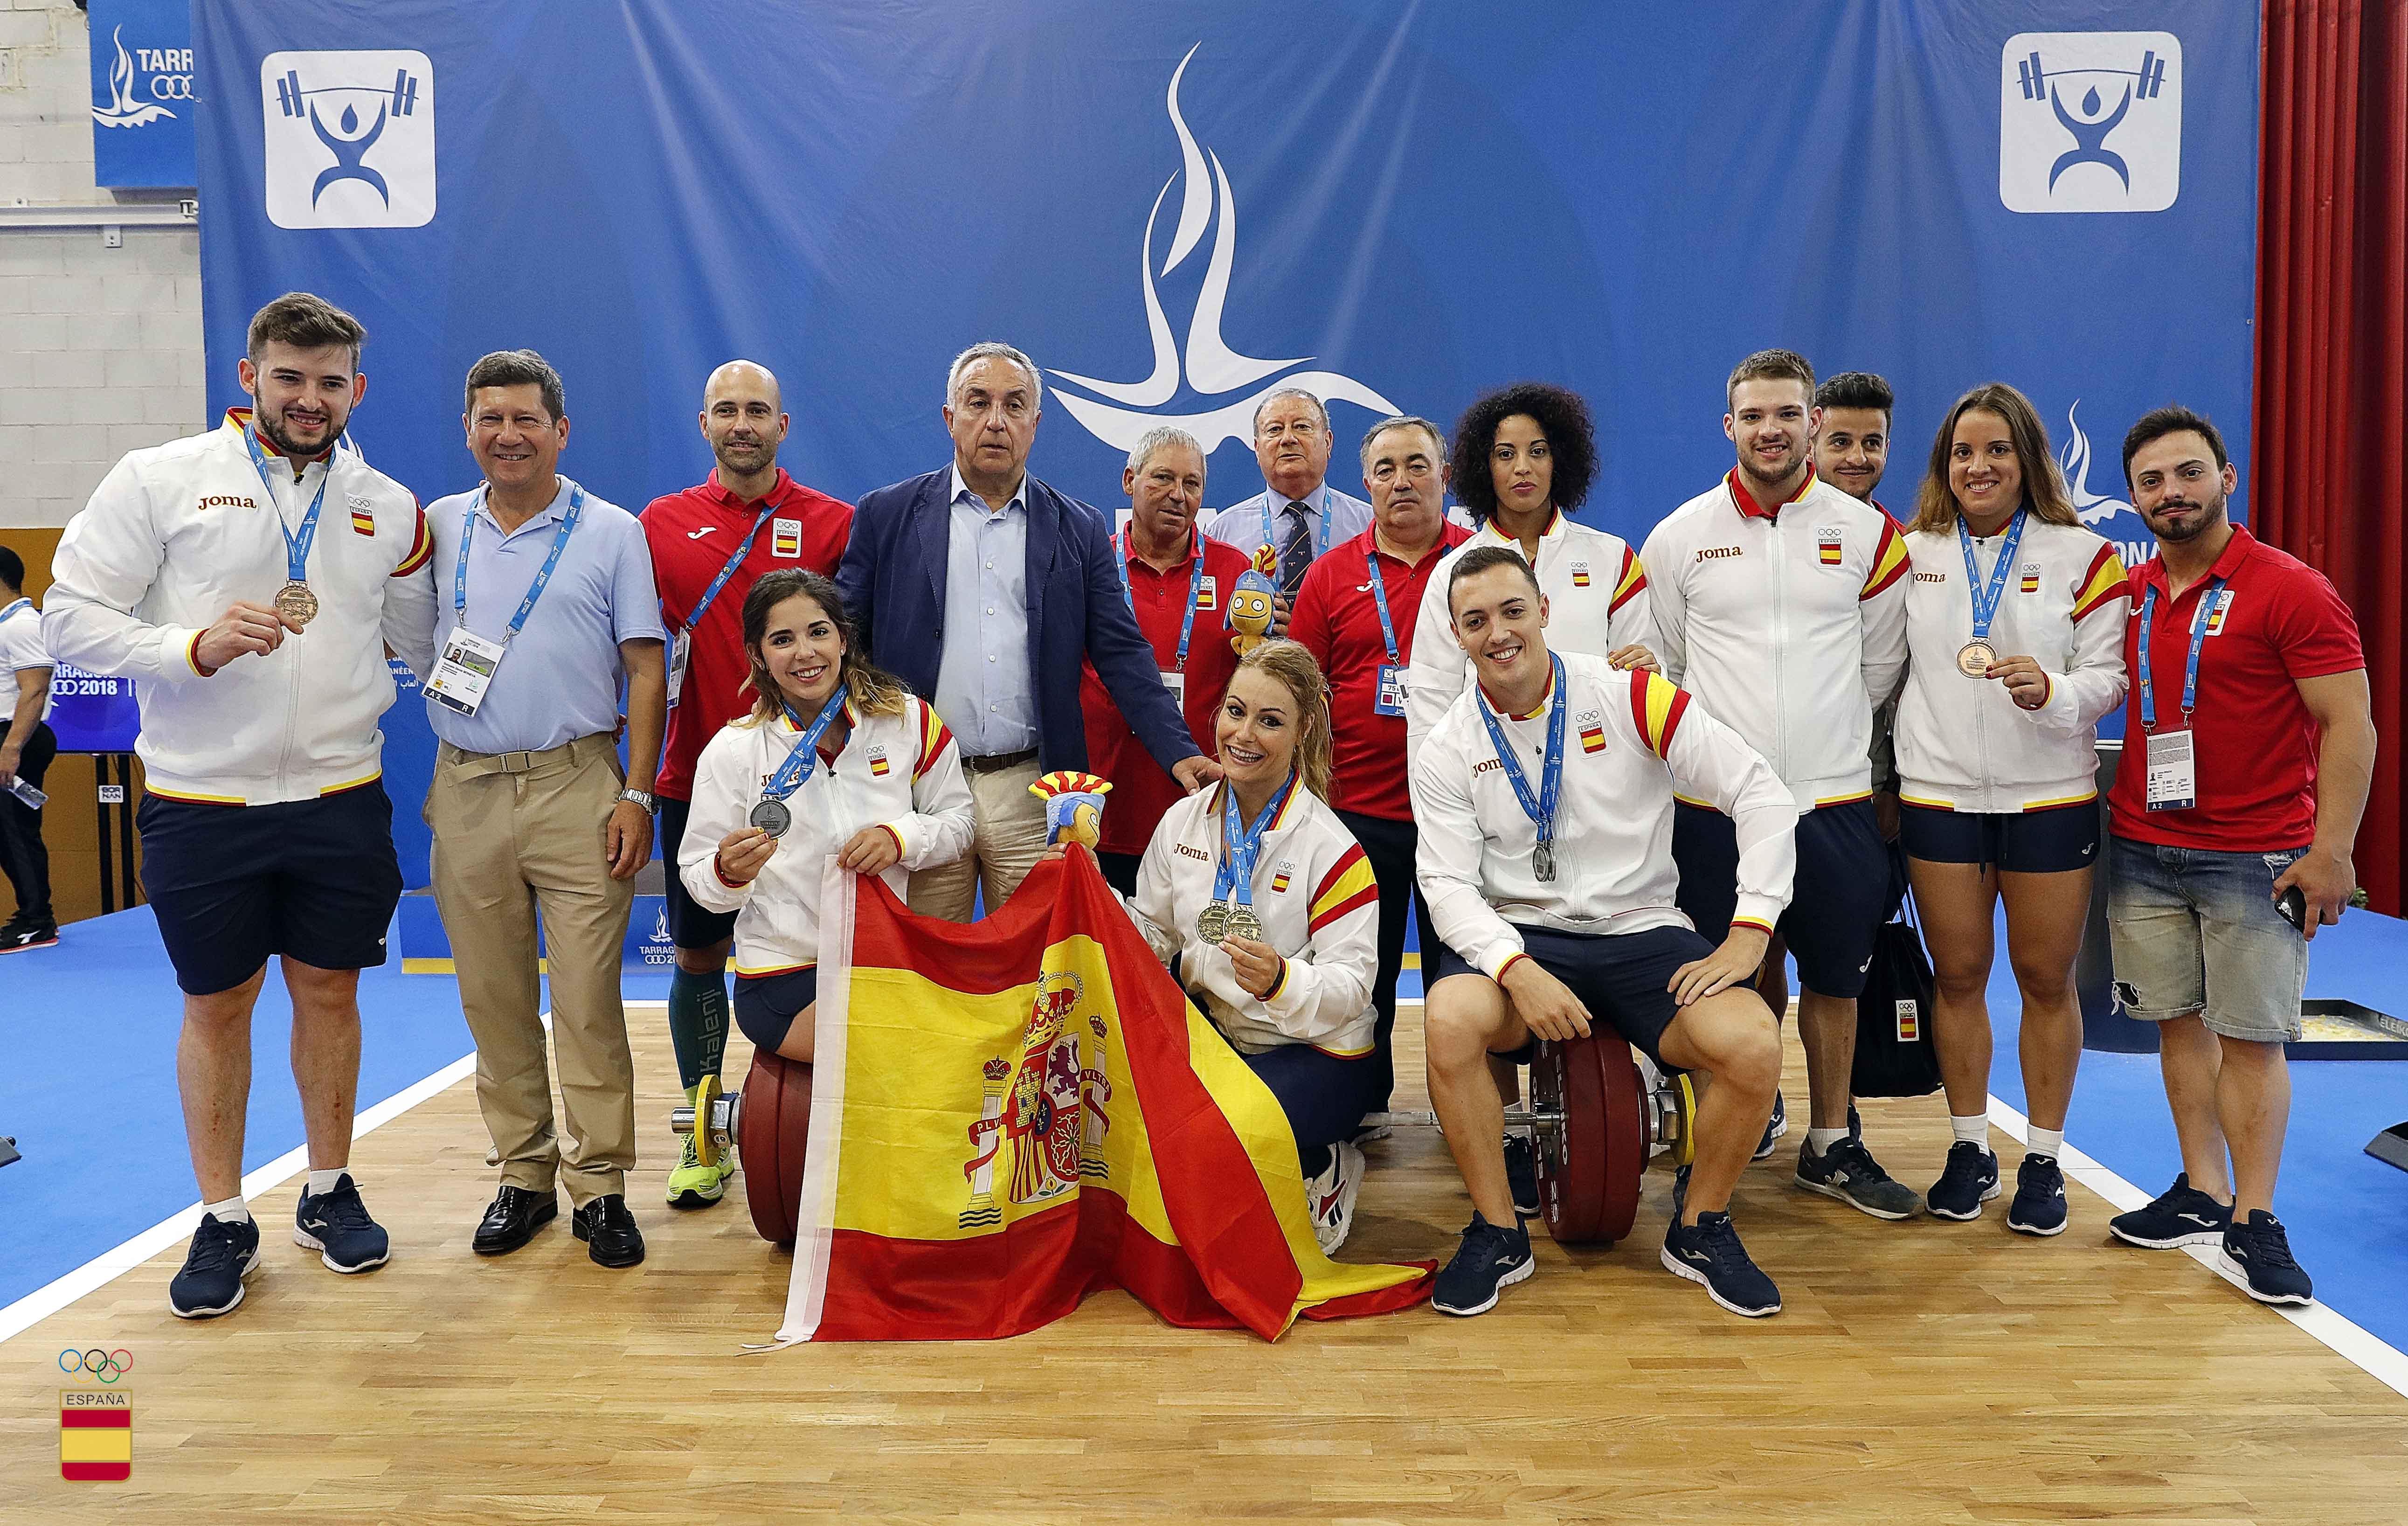 juegos mediterraneo 2018.